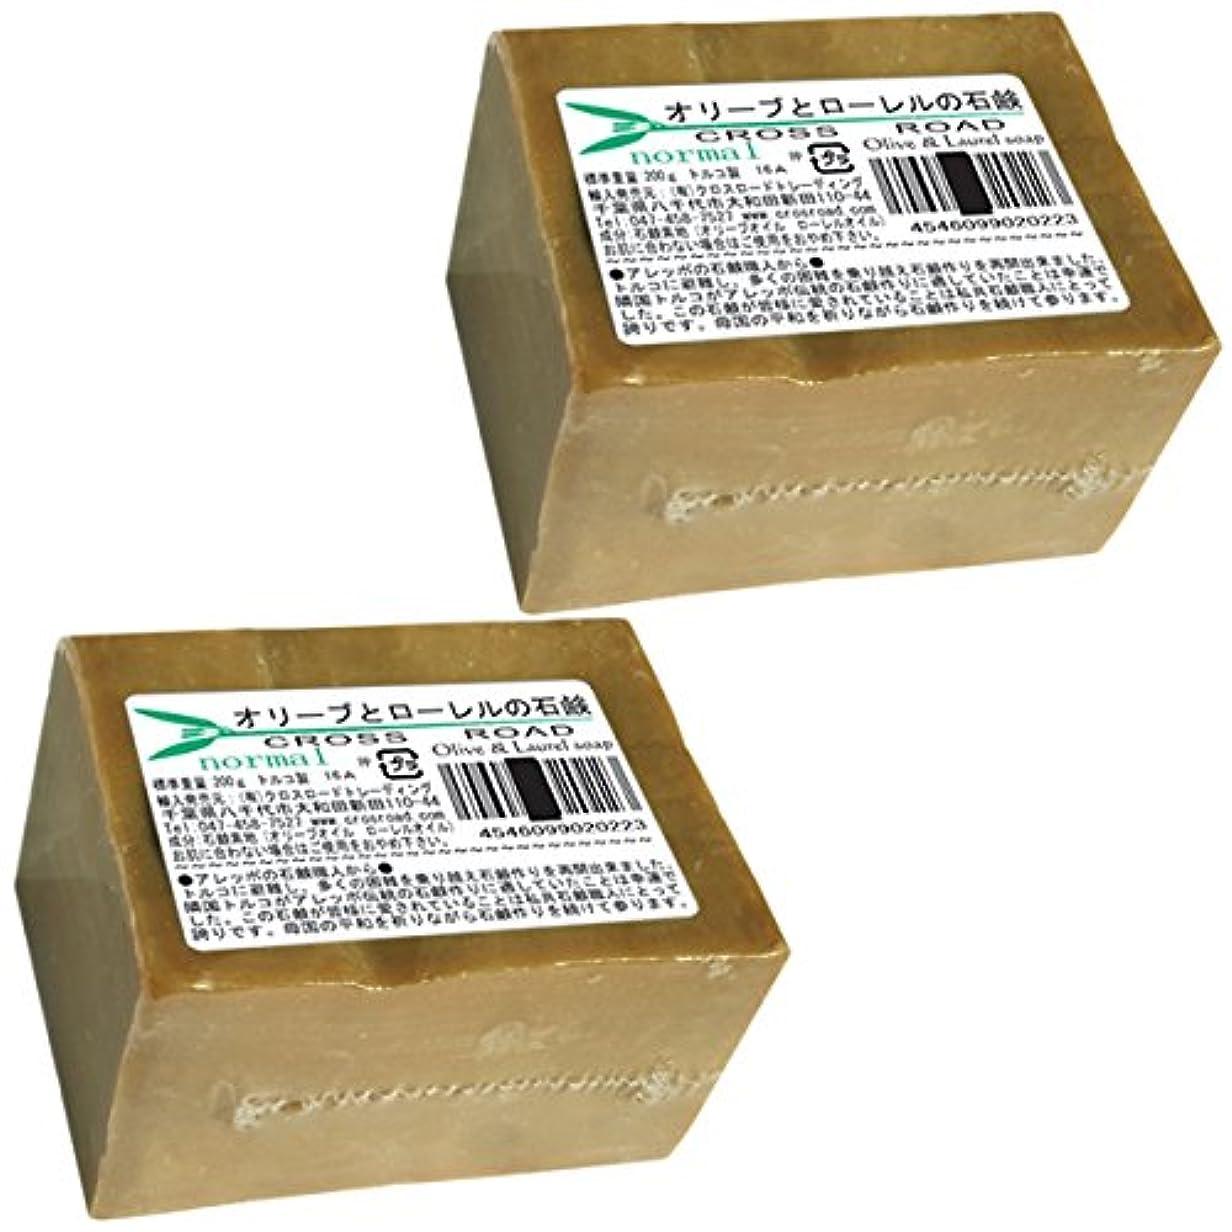 蒸留するスーパーやさしいオリーブとローレルの石鹸(ノーマル)2個セット[並行輸入品]